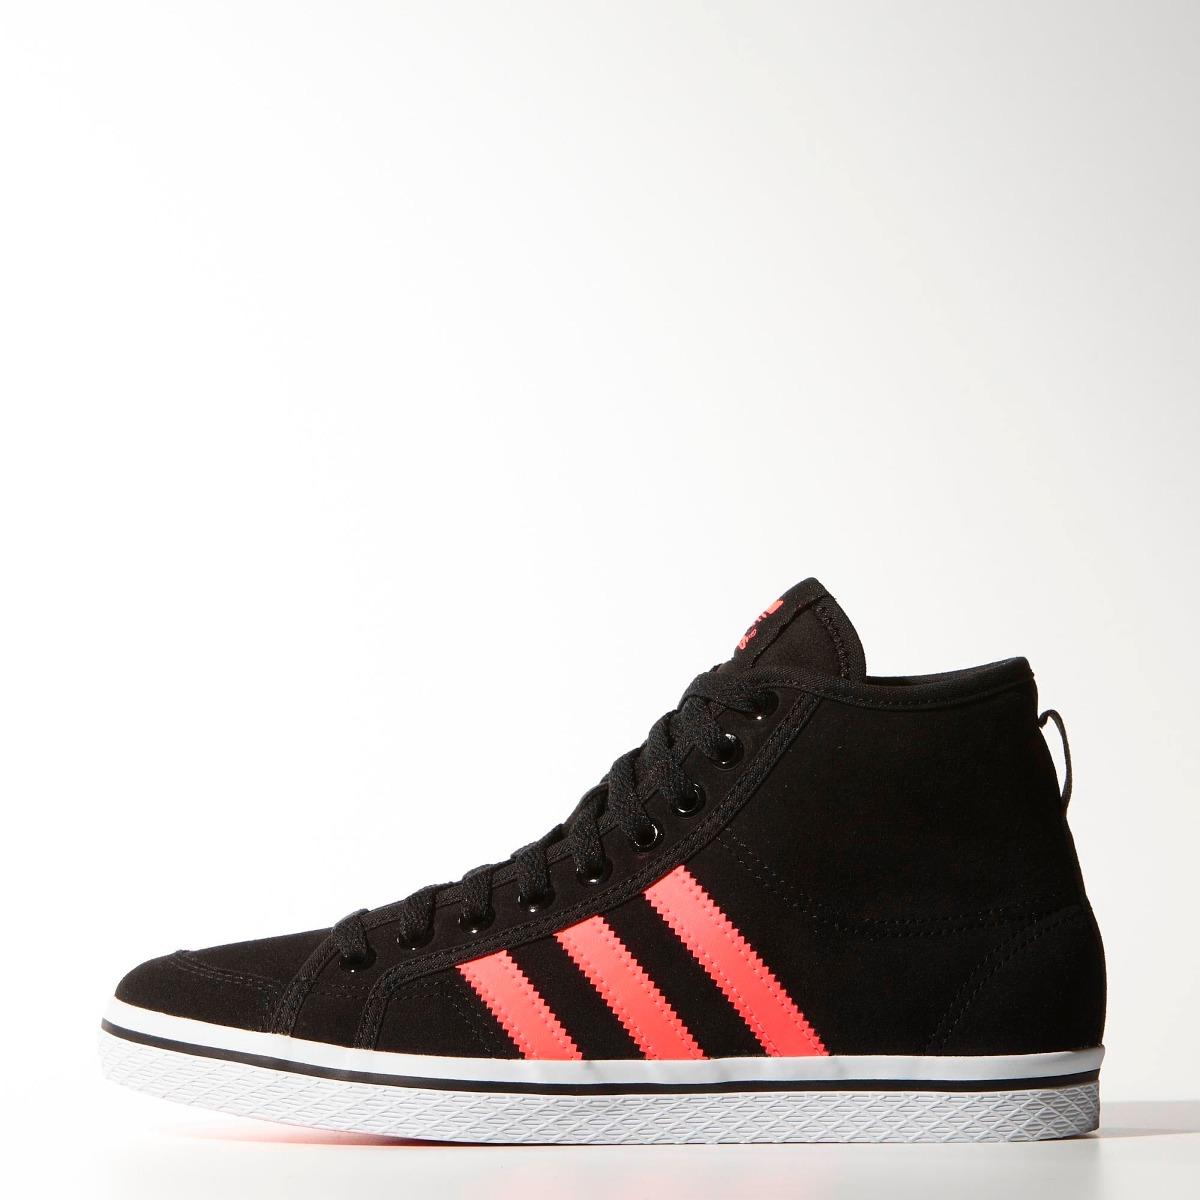 8471468c6d3c1 zapatillas adidas de mujer precios